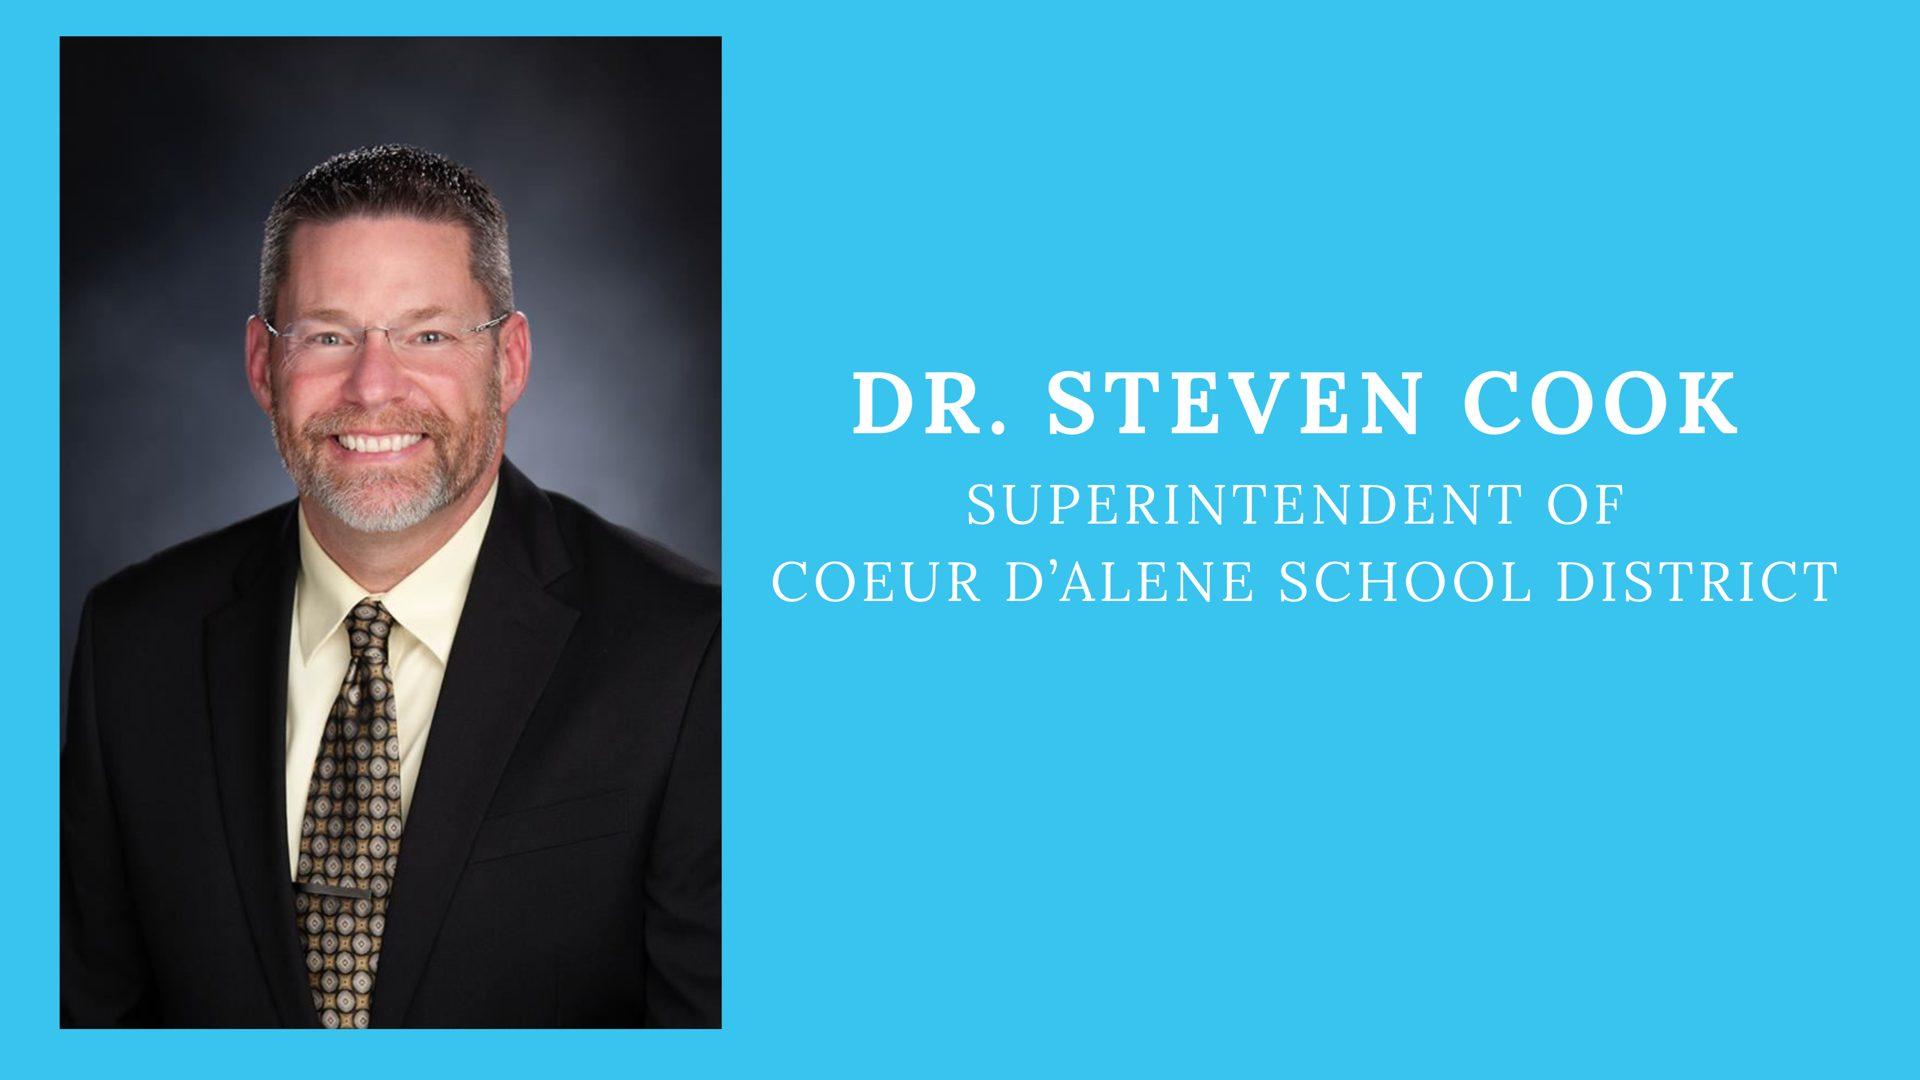 Dr. Steven Cook, Superintendent, Coeur d'Alene School District